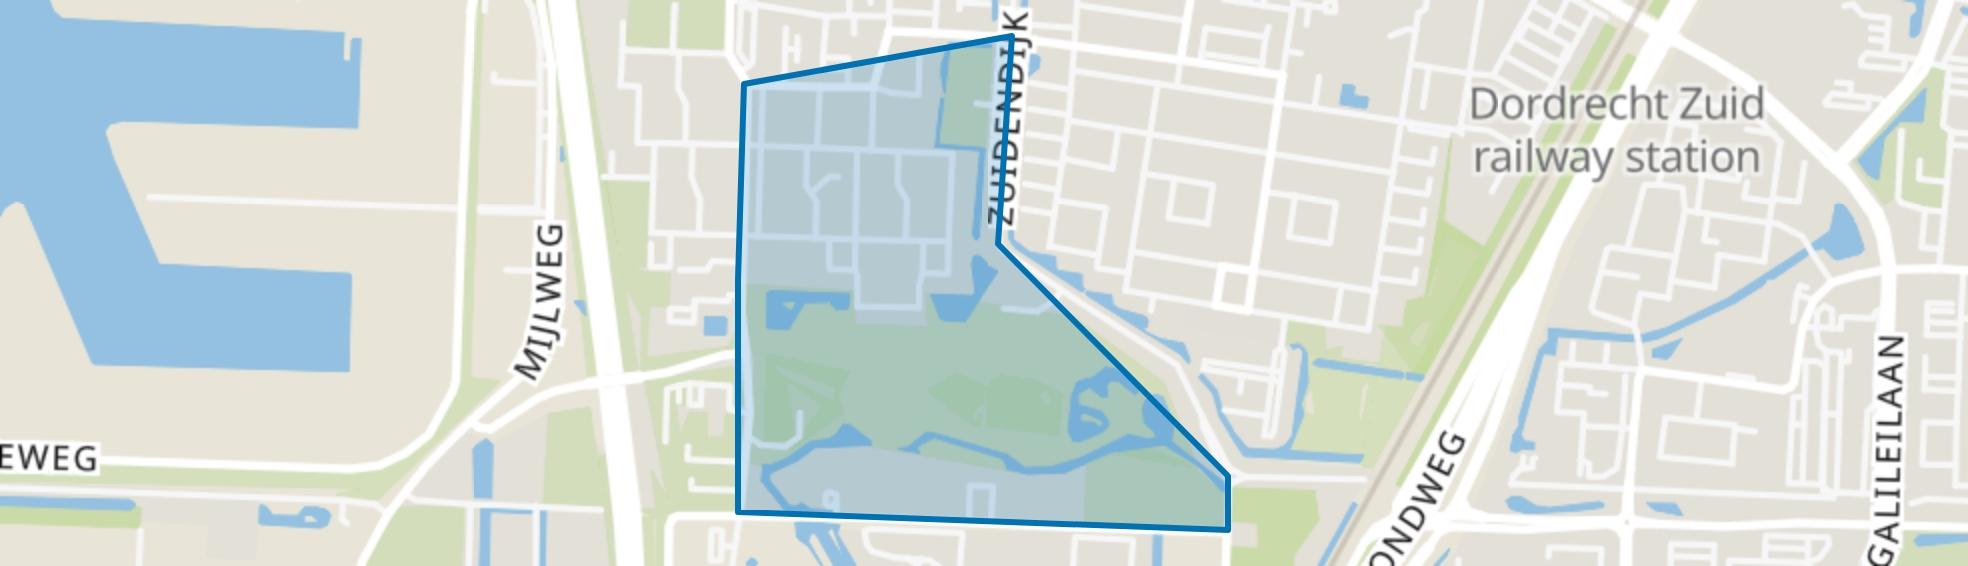 Van Kinsbergenstraat en omgeving, Dordrecht map